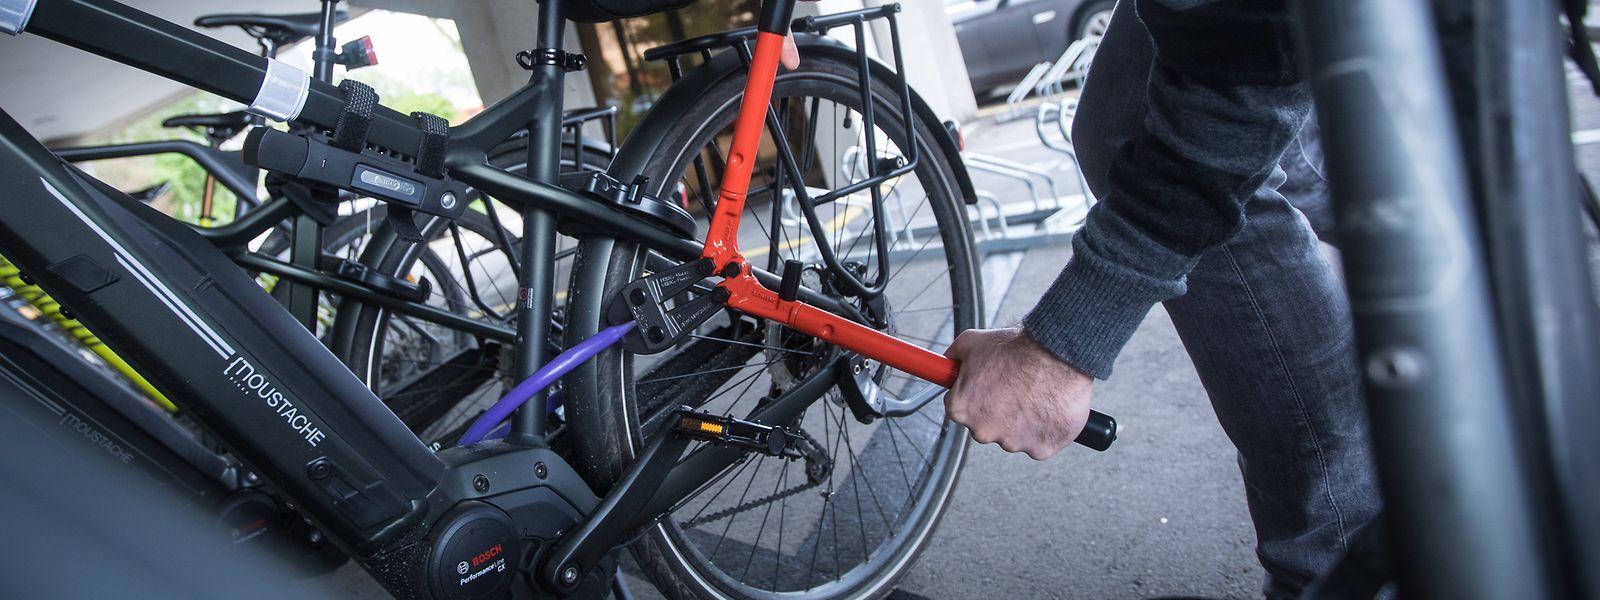 Grundsätzlich ist jedes Fahrradschloss knackbar: Hochwertigere Schlösser nehmen allerdings auch mit schweren Werkzeugen deutlich mehr Zeit in Anspruch – und das schreckt viele Diebe ab.